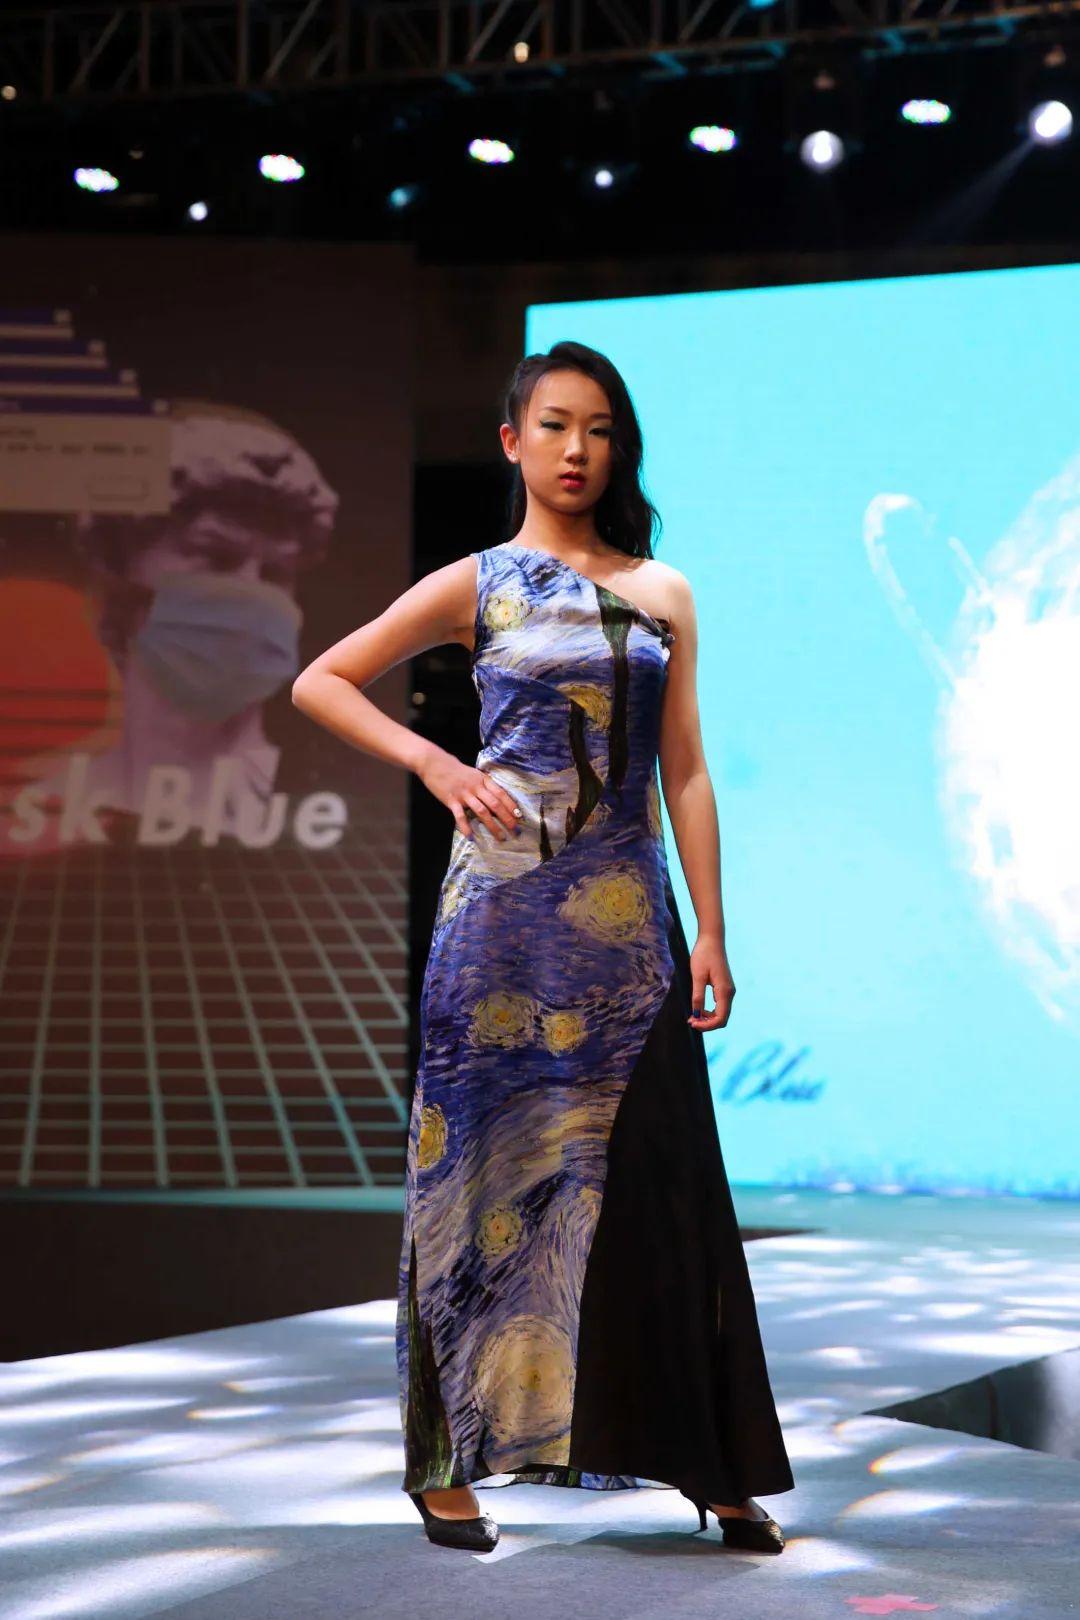 深国交2021 Fashion Show - 校园活动 疫情之下的时尚  深国交 深圳国际交流学院 第25张